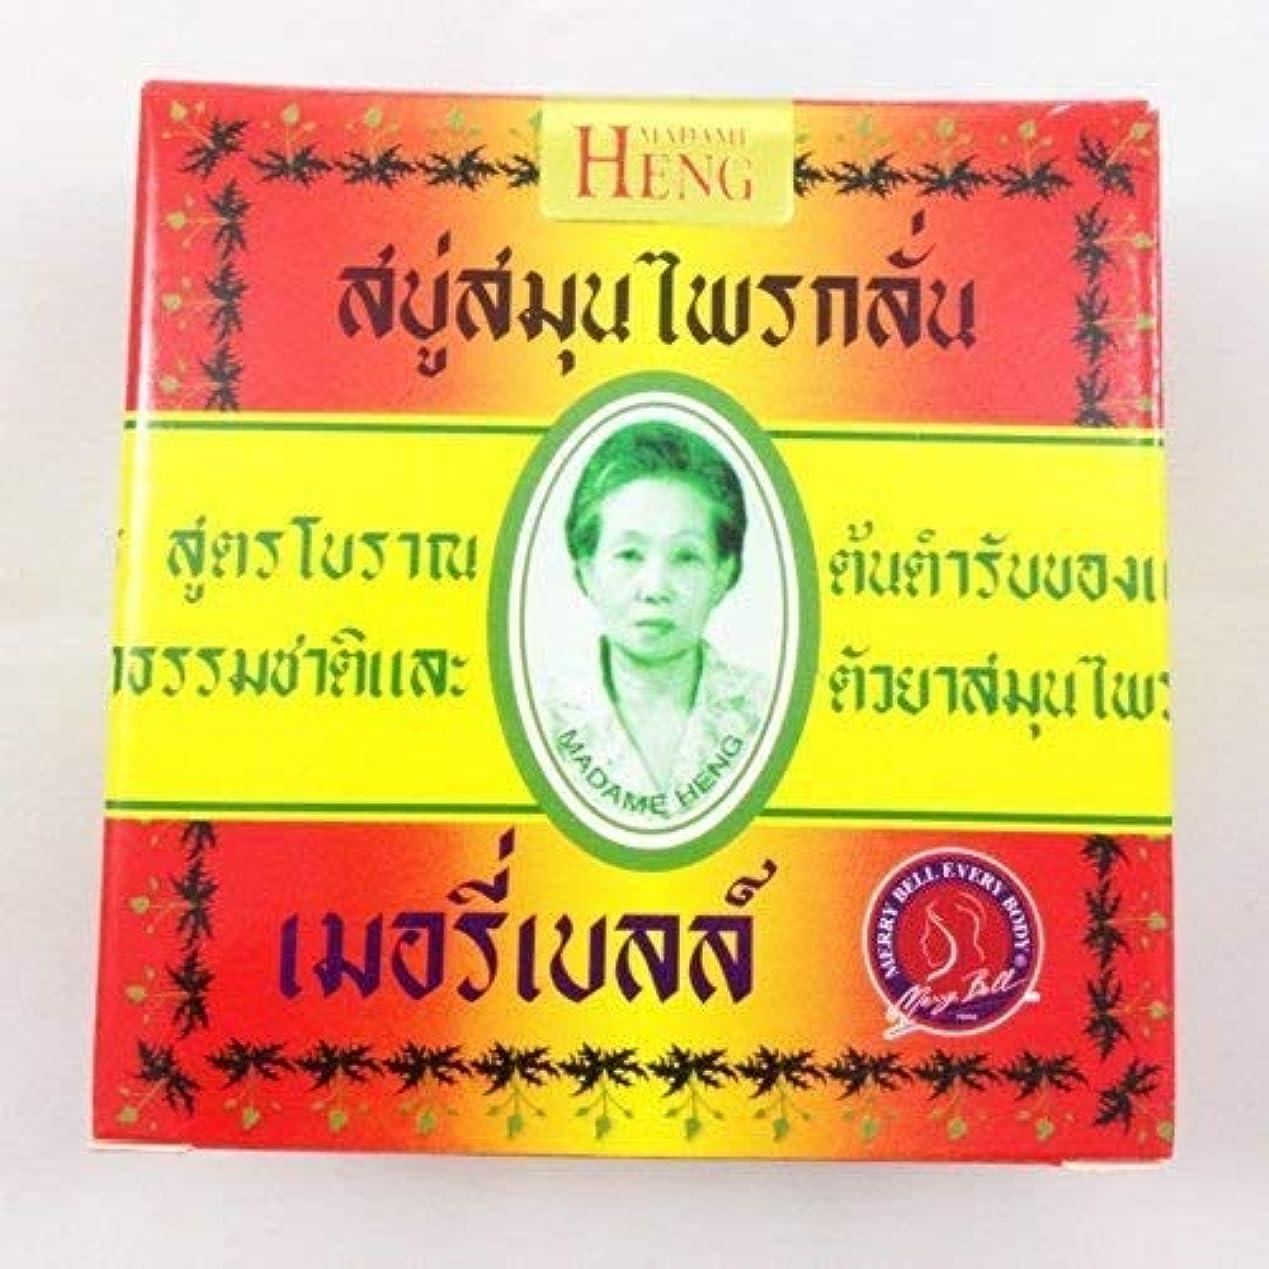 観客ロール不誠実Madame Heng Thai Original Natural Herbal Soap Bar Made in Thailand 160gx2pcs by Ni Yom Thai shop